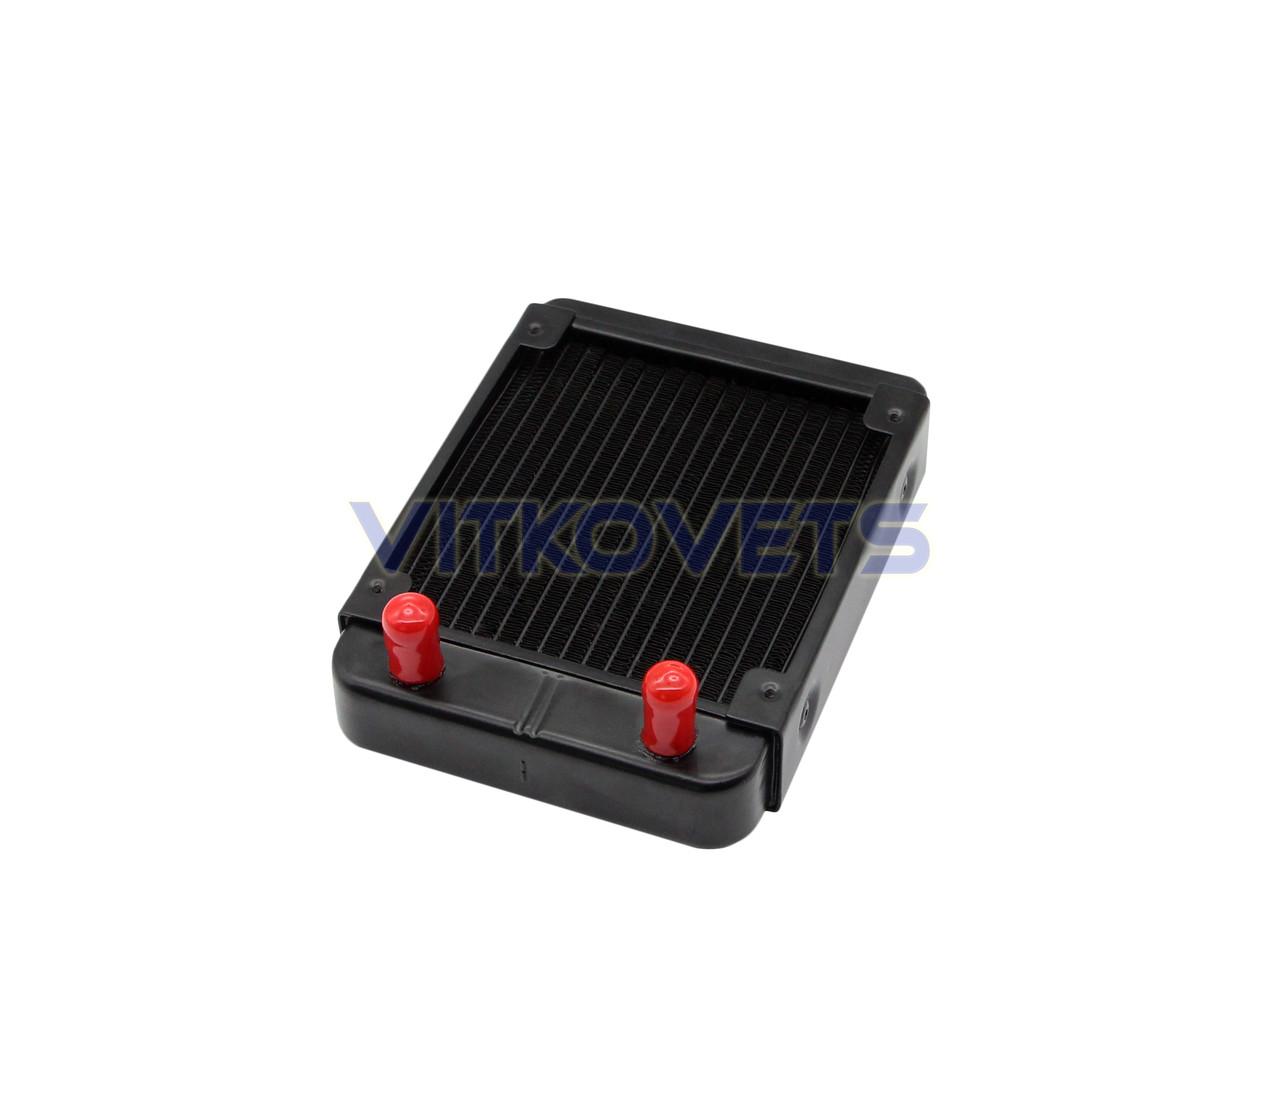 Радиатор 160х120 (под вентилятор 120х120), фото 1